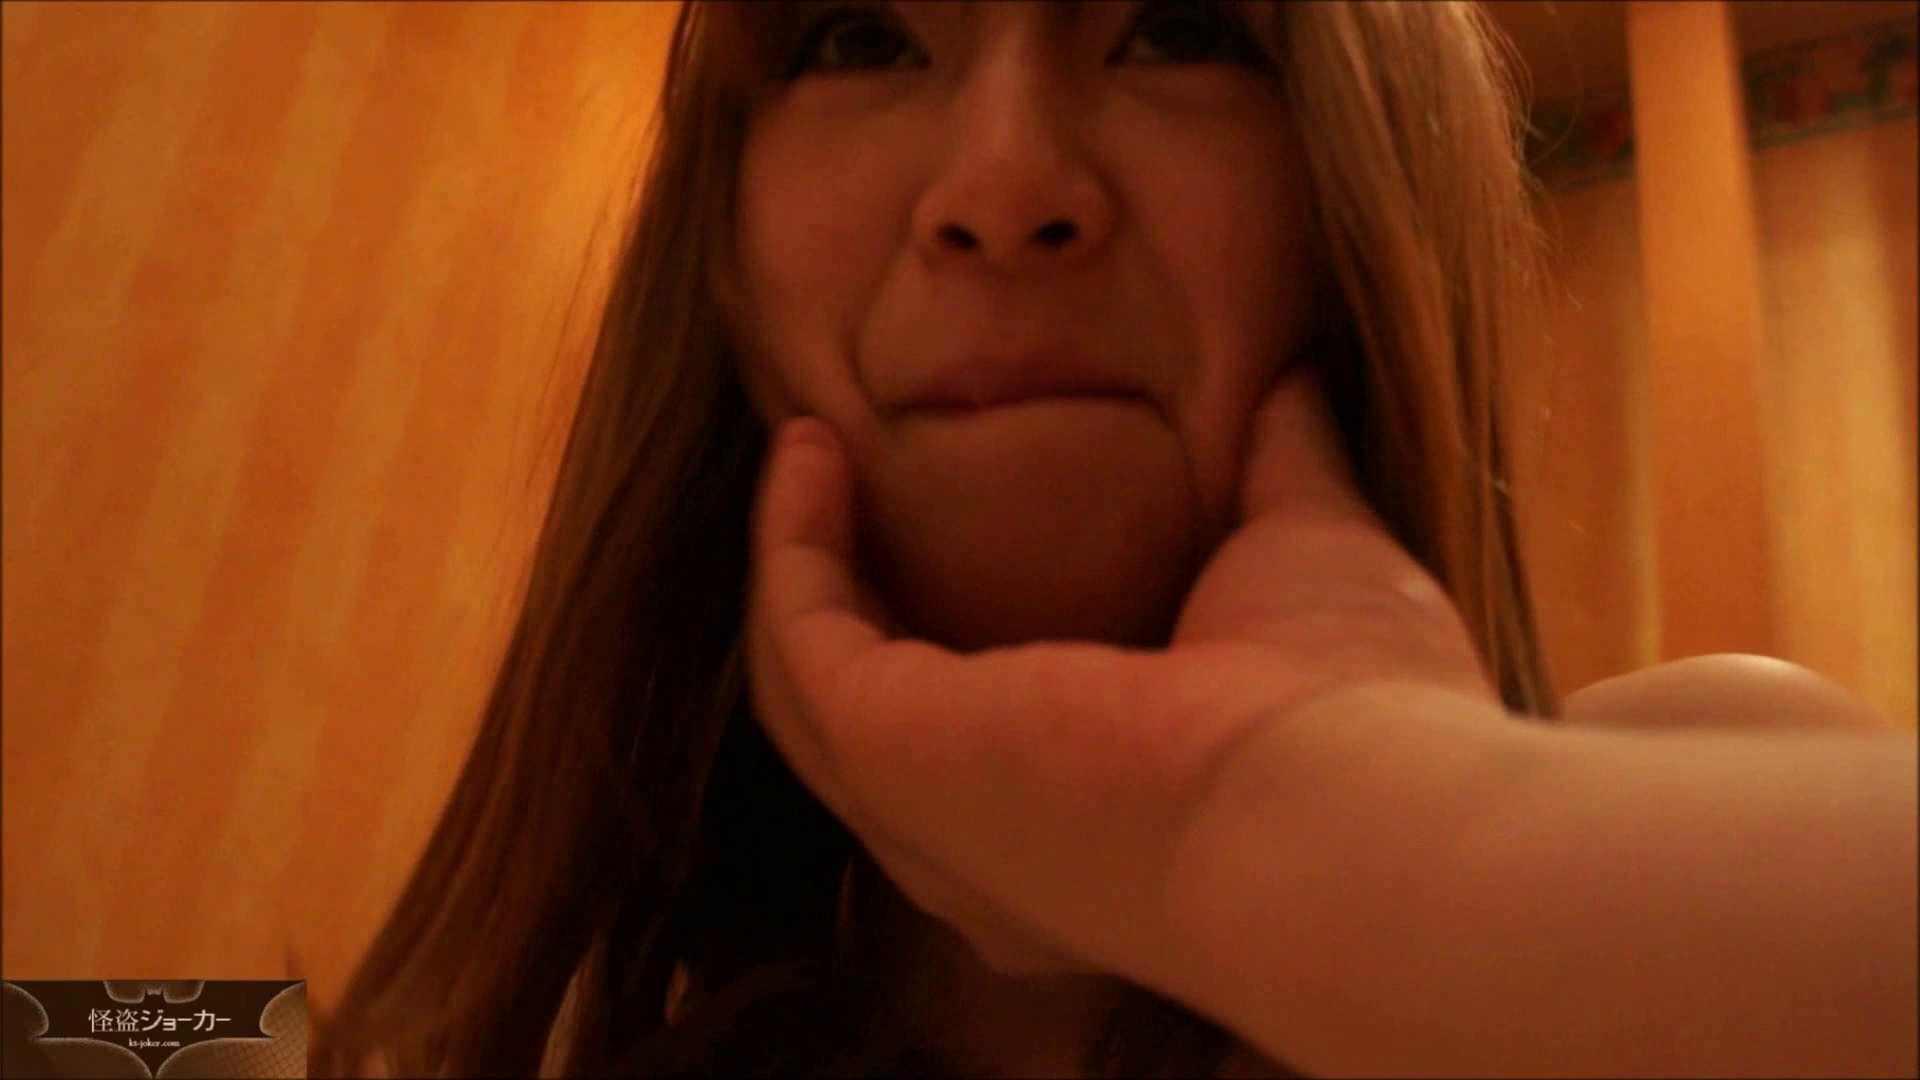 【未公開】vol.37 【援助】朋葉ちゃん、連続潮吹き・後背位で突きまくり。 ギャル攻め セックス画像 84画像 2